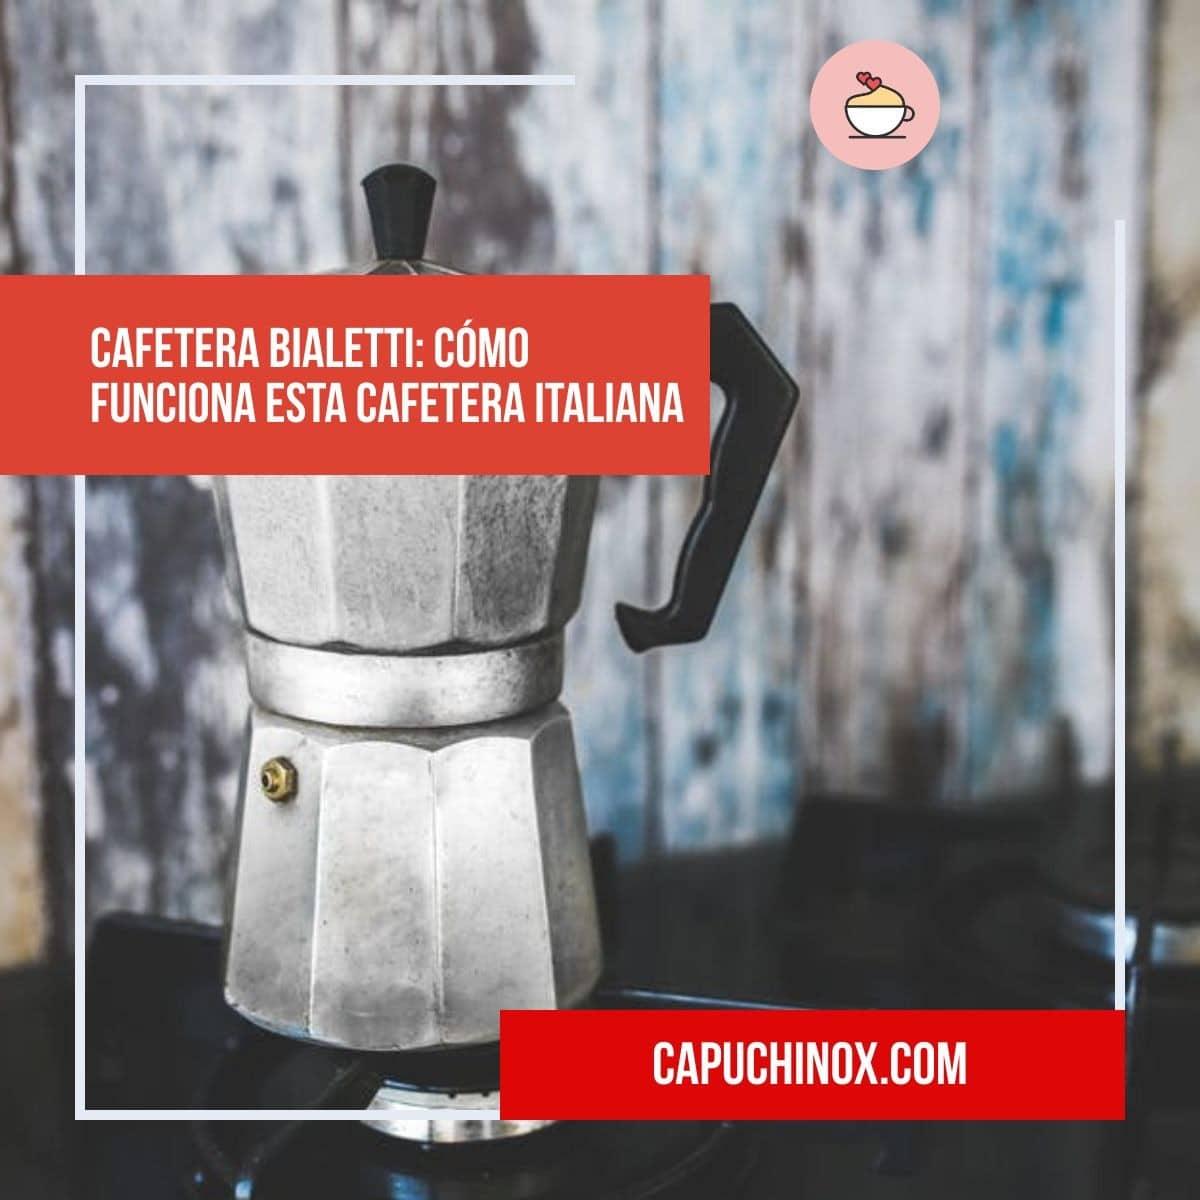 Cafetera Bialetti: cómo funciona esta cafetera italiana